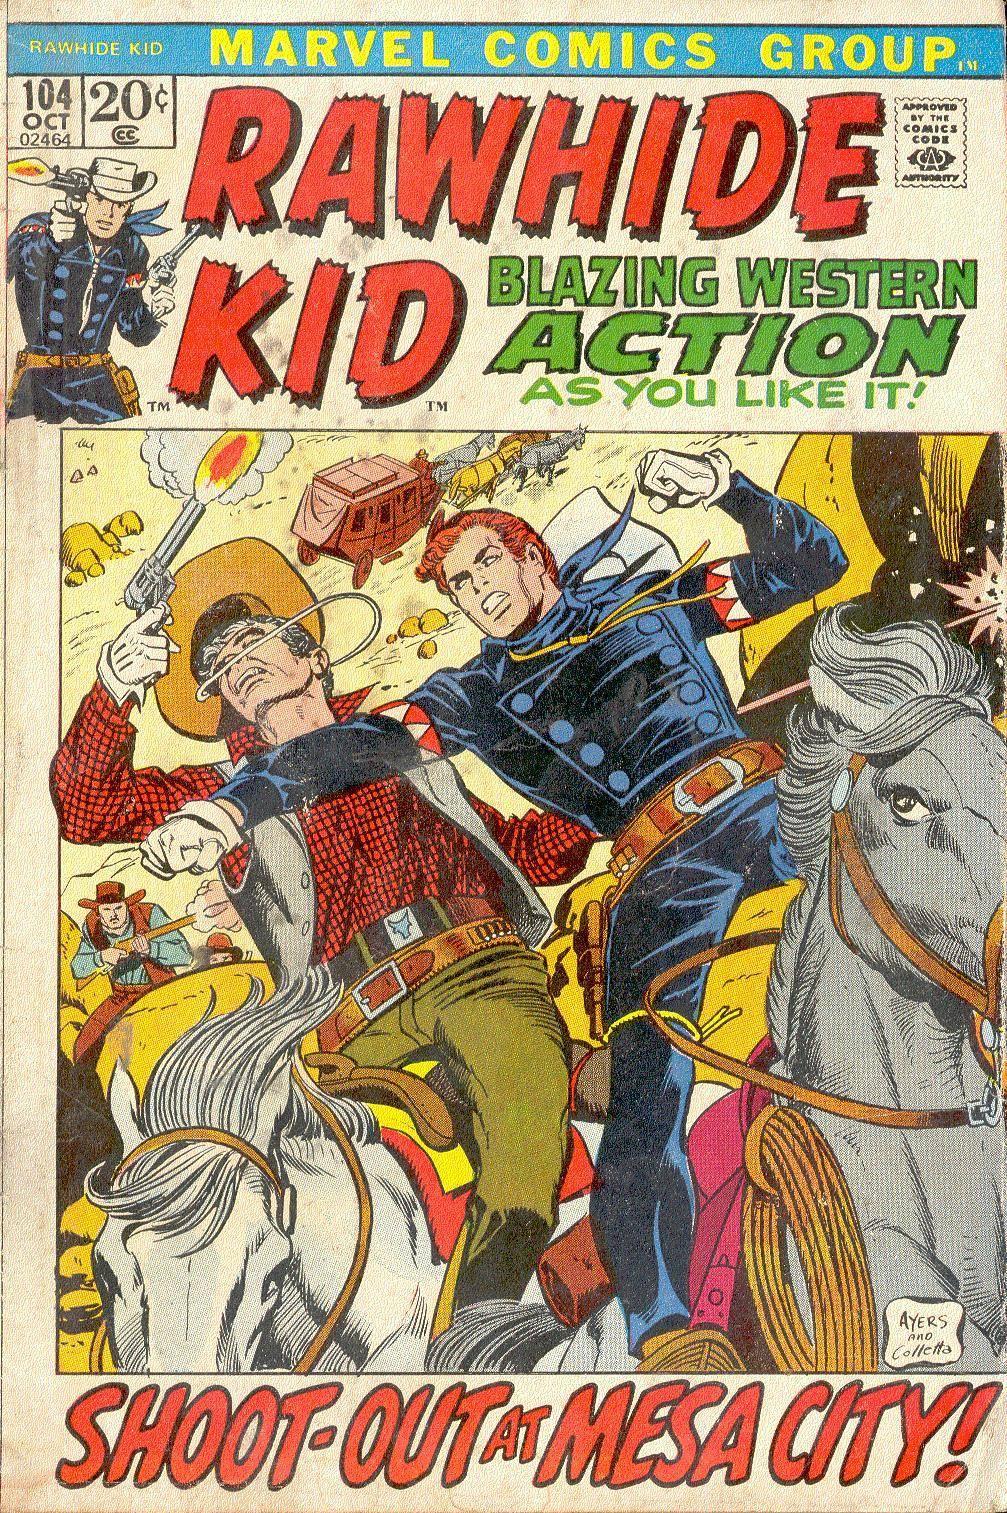 Rawhide Kid v1 104 1972